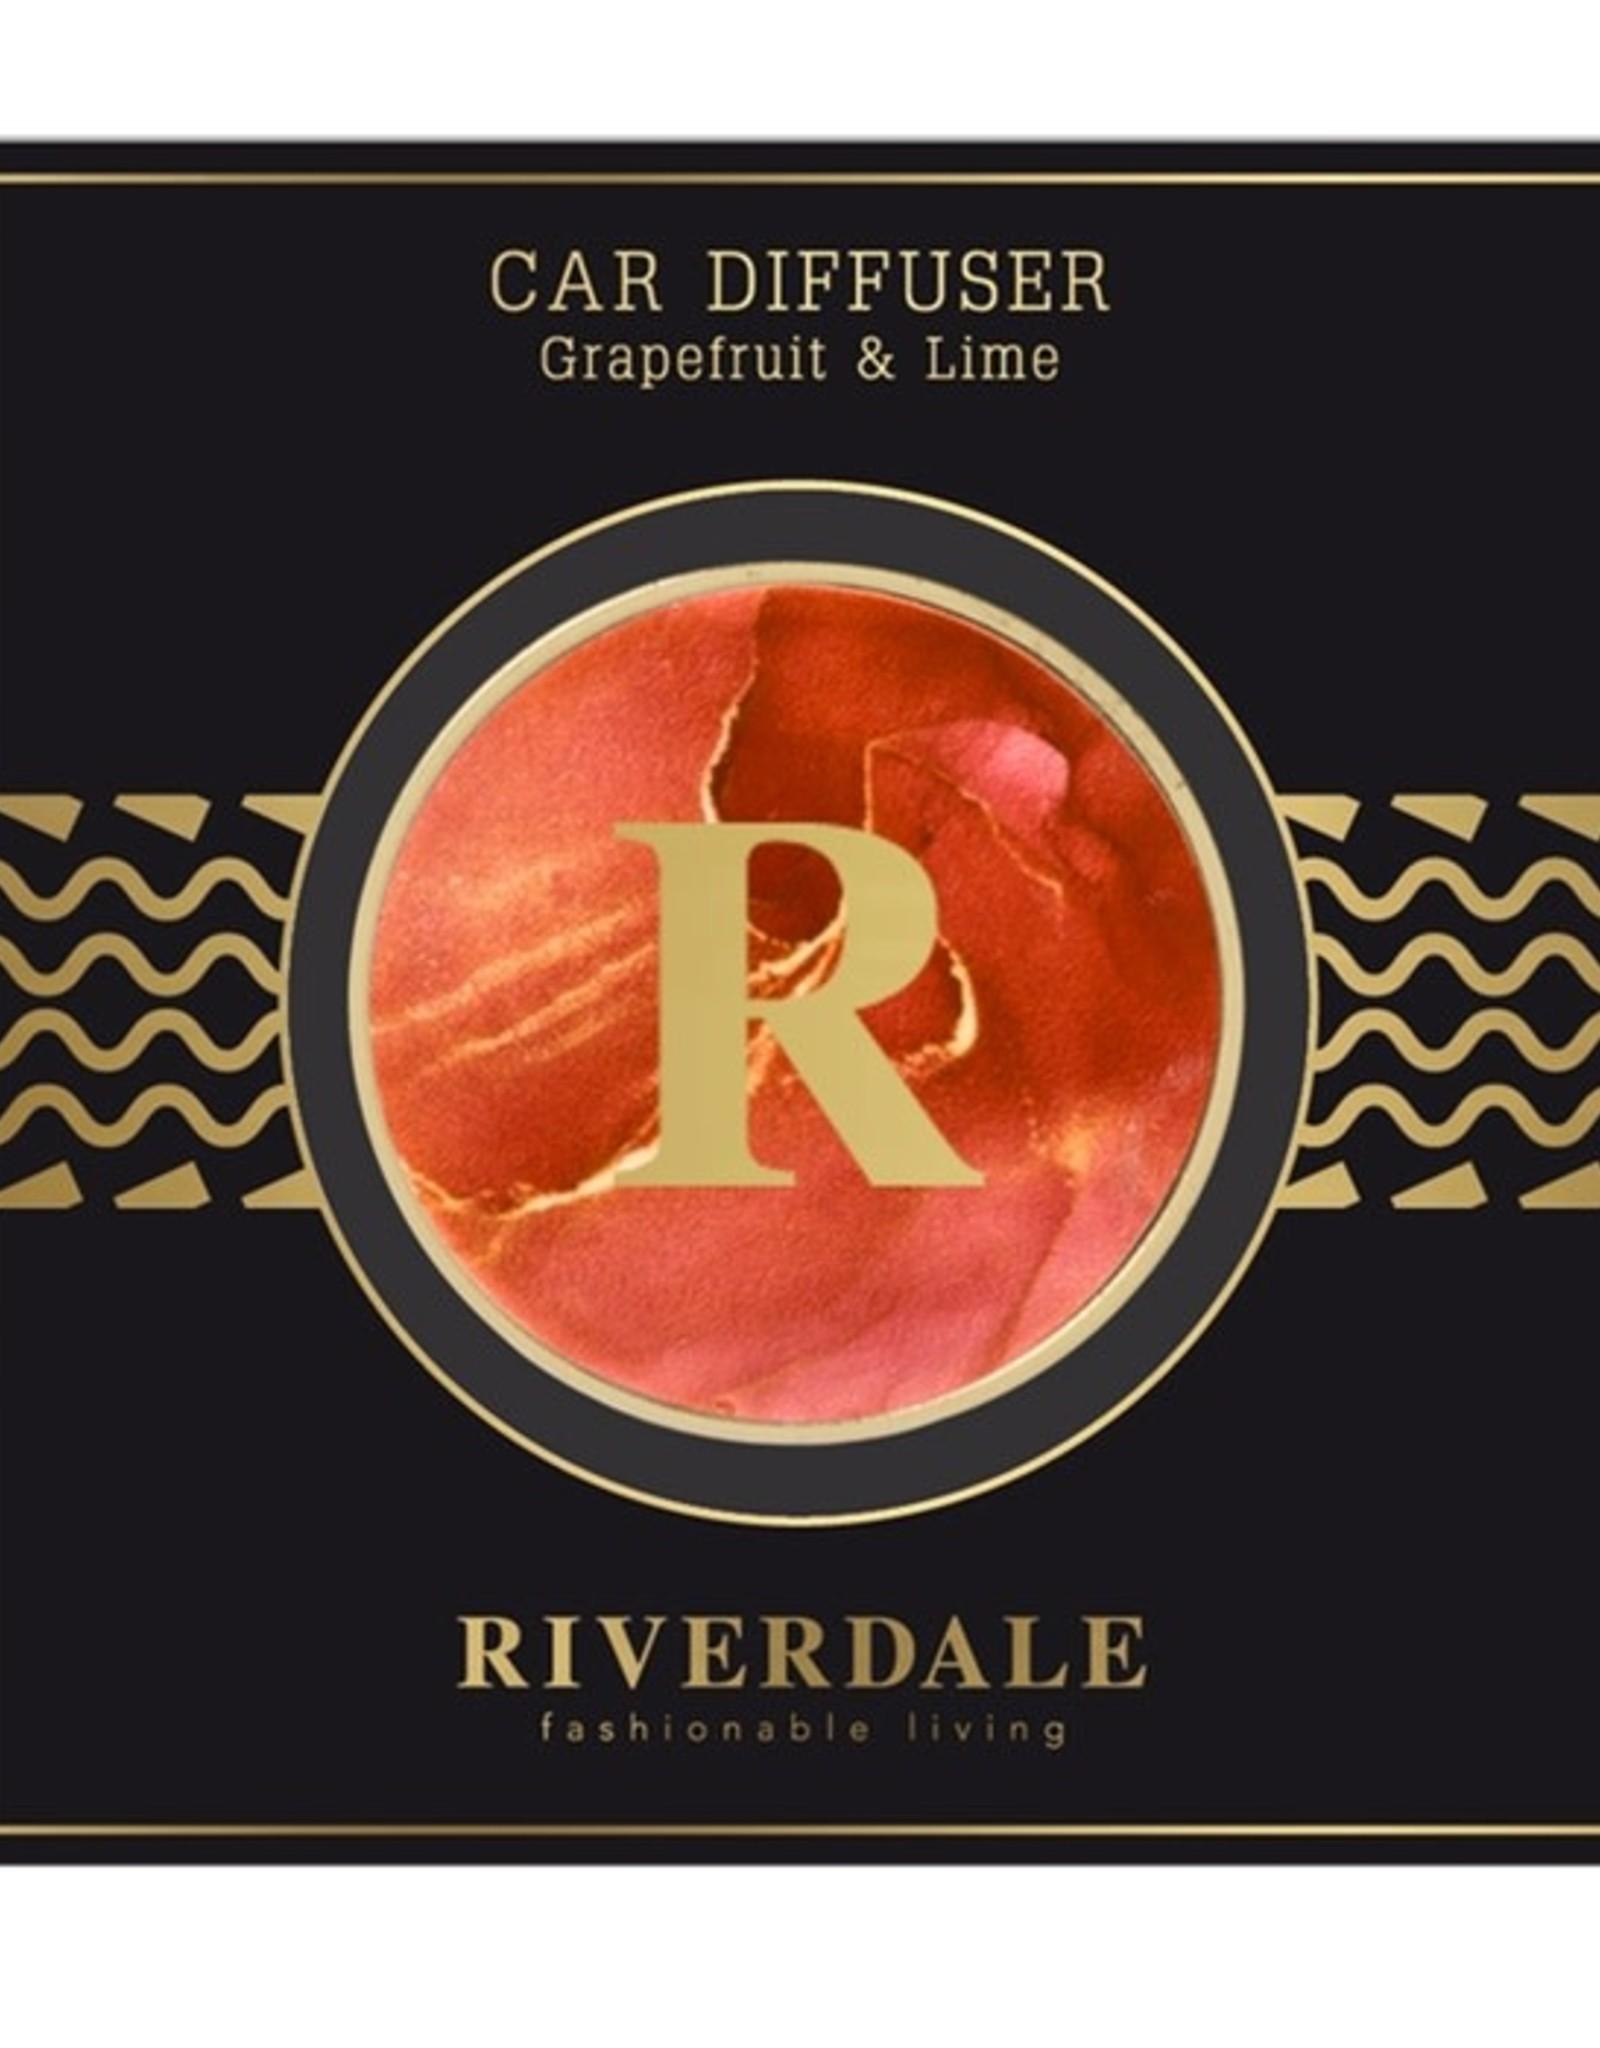 Riverdale Autoparfum Orange Grapefruit & Lime